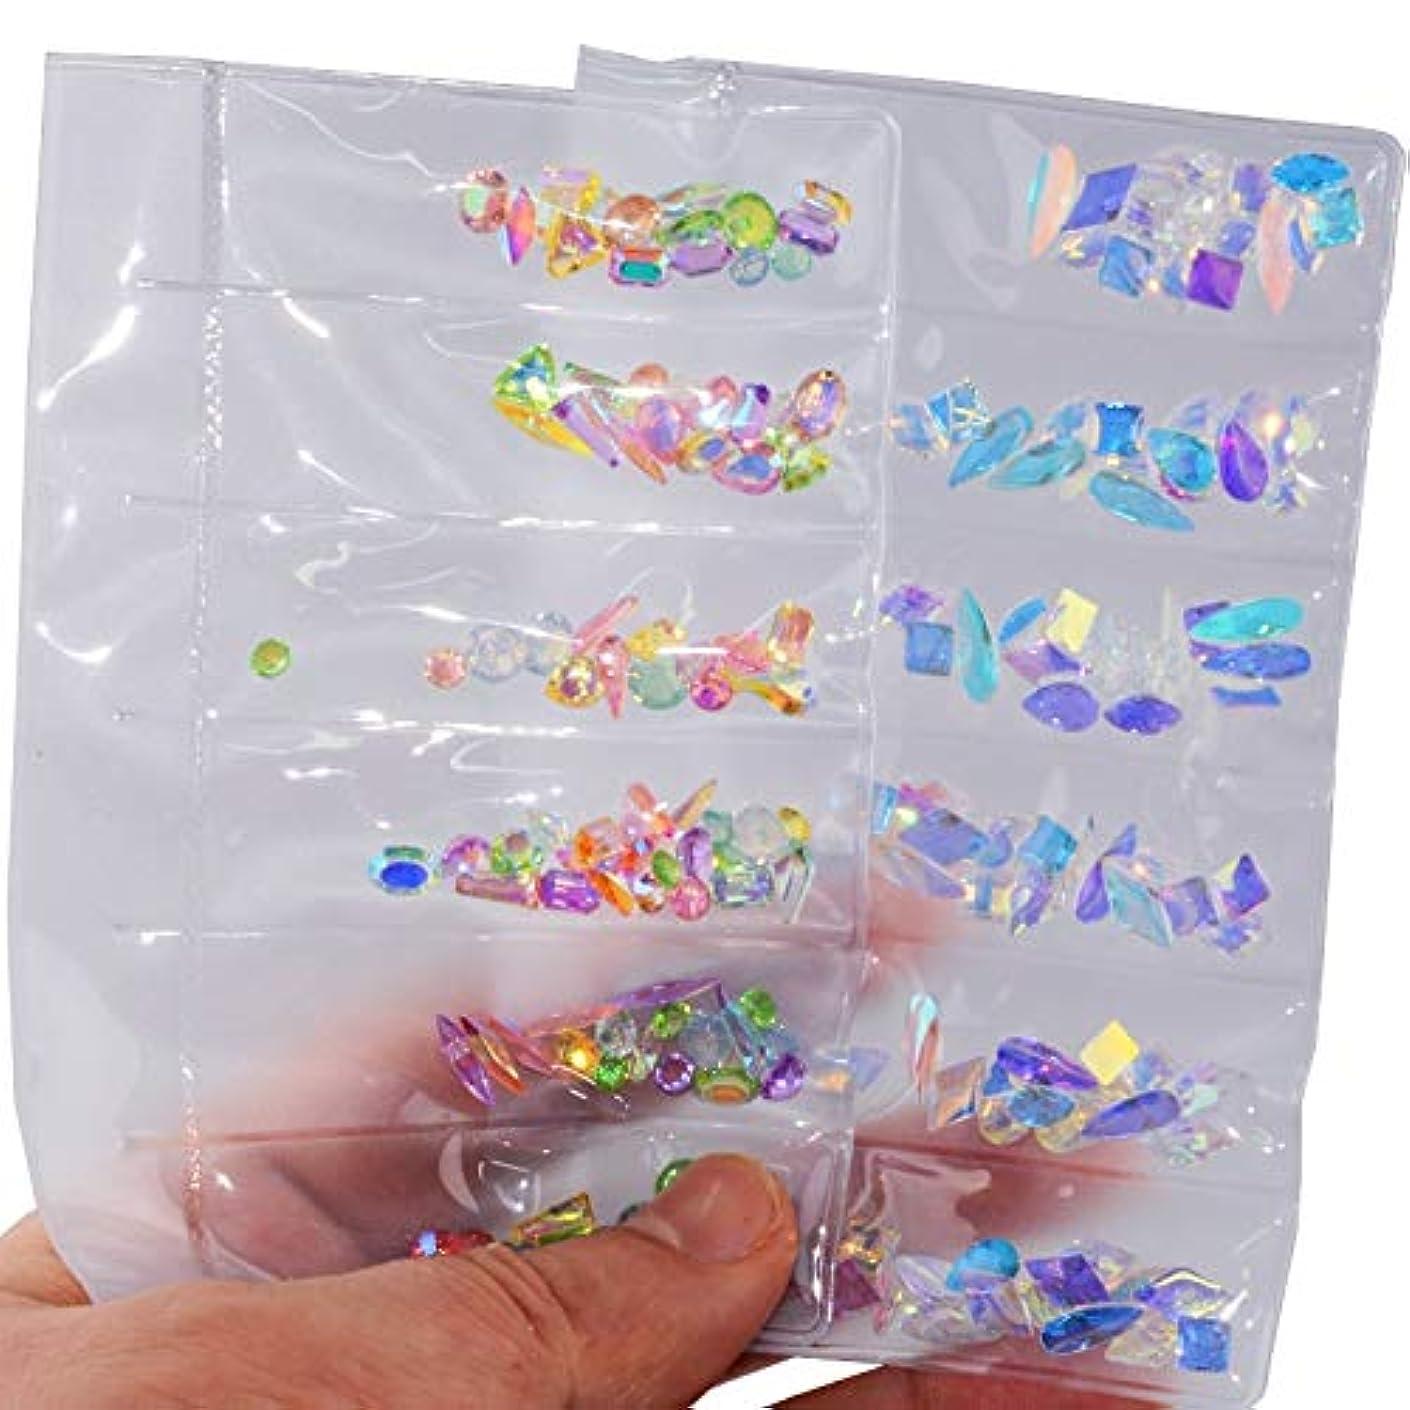 桁項目輝く2パックセットネイルアートラインストーンネイルアートデコレーションフラットバックガラスダイヤモンドティアドロップ馬の目の水晶石